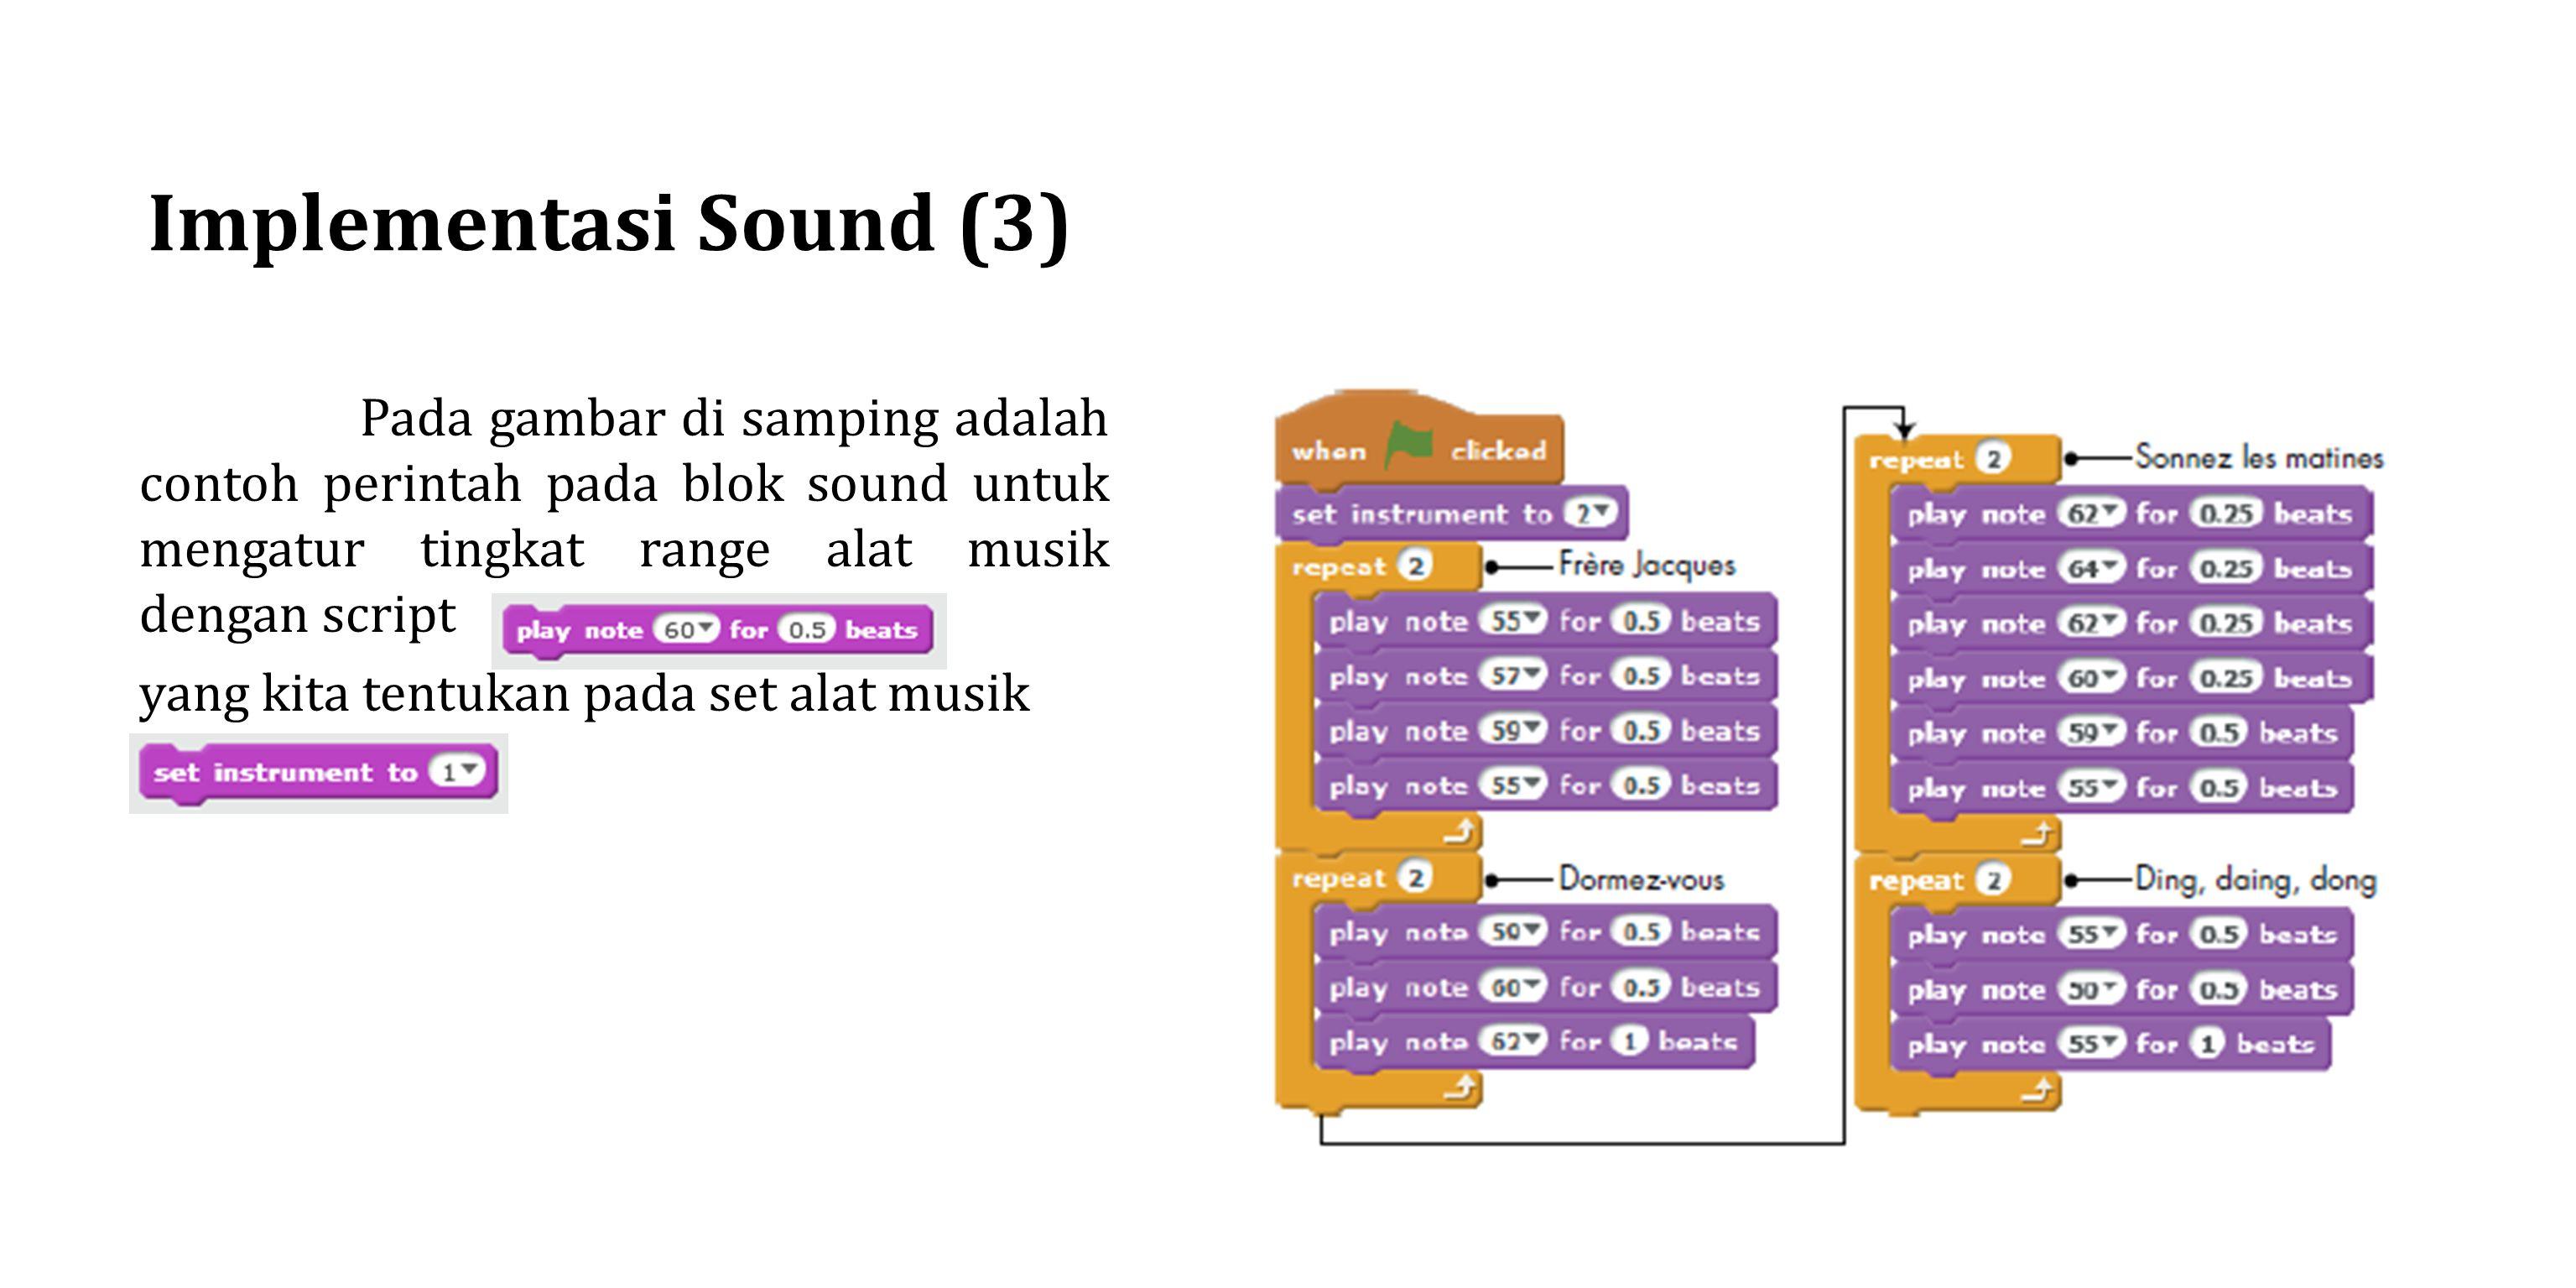 Implementasi Sound 4 (langkah 1) Langkah membuat background dan inset circles background Circles Background Background library